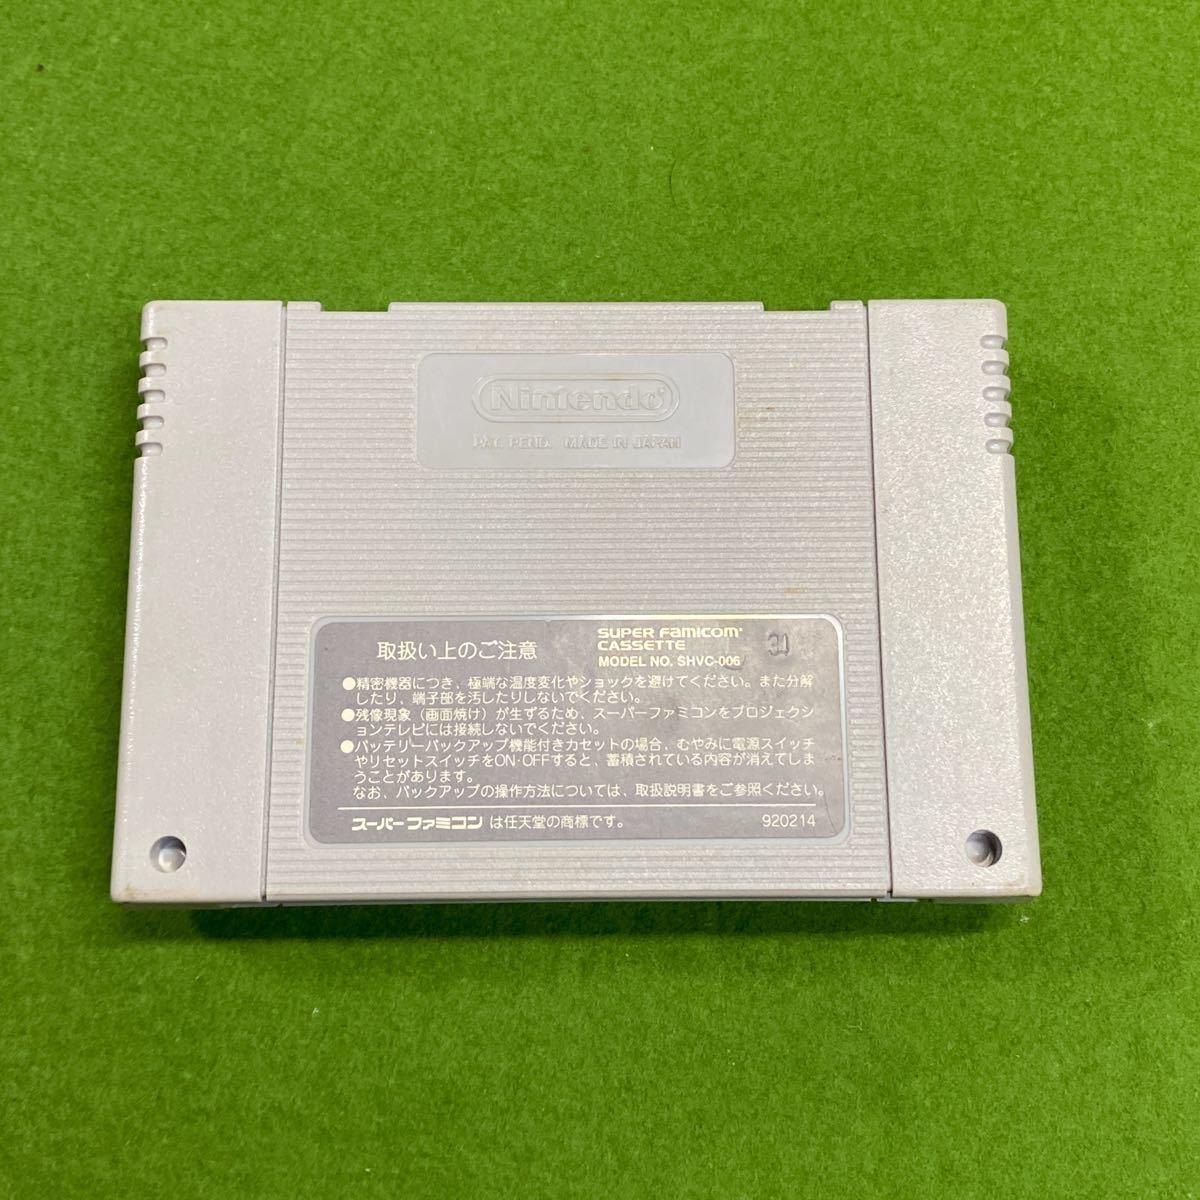 極美品 電池交換済み 46億年物語 送料無料 レア ソフト スーパーファミコン カセット レトロゲーム SFC 中古 動作確認済み